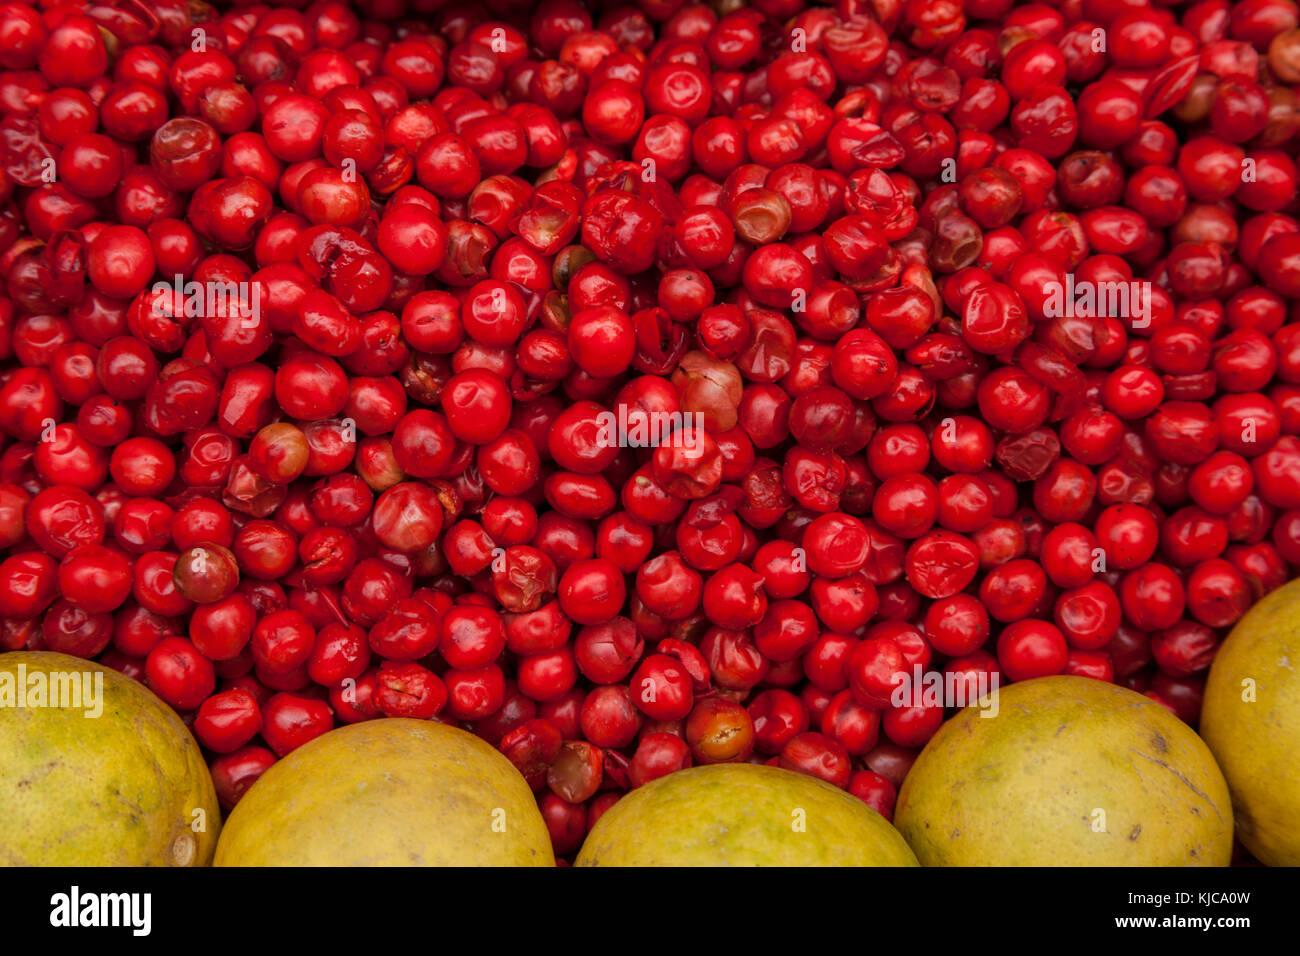 Pompelmo e bacche rosse nel mercato charminar, Hyderabad, India. Immagini Stock